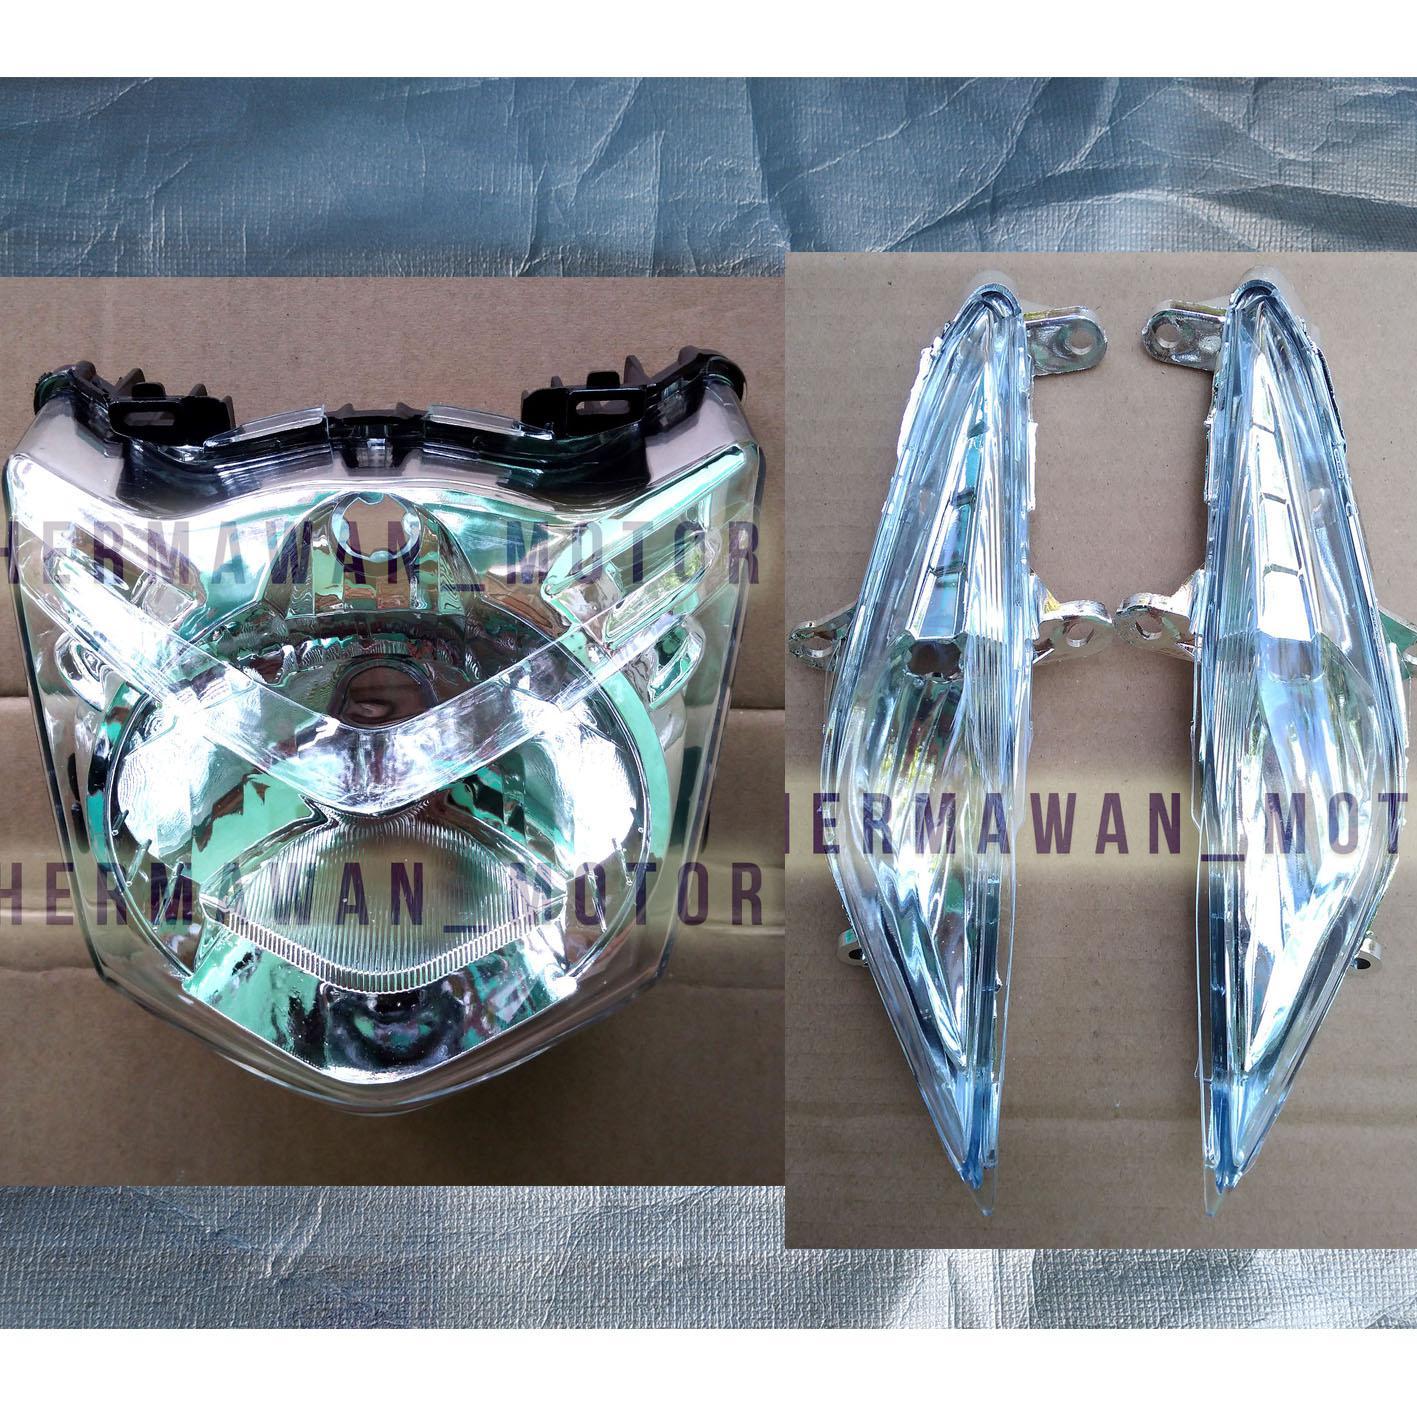 Lampu depan dan sen motor honda beat karbu th 2008-2012 bening